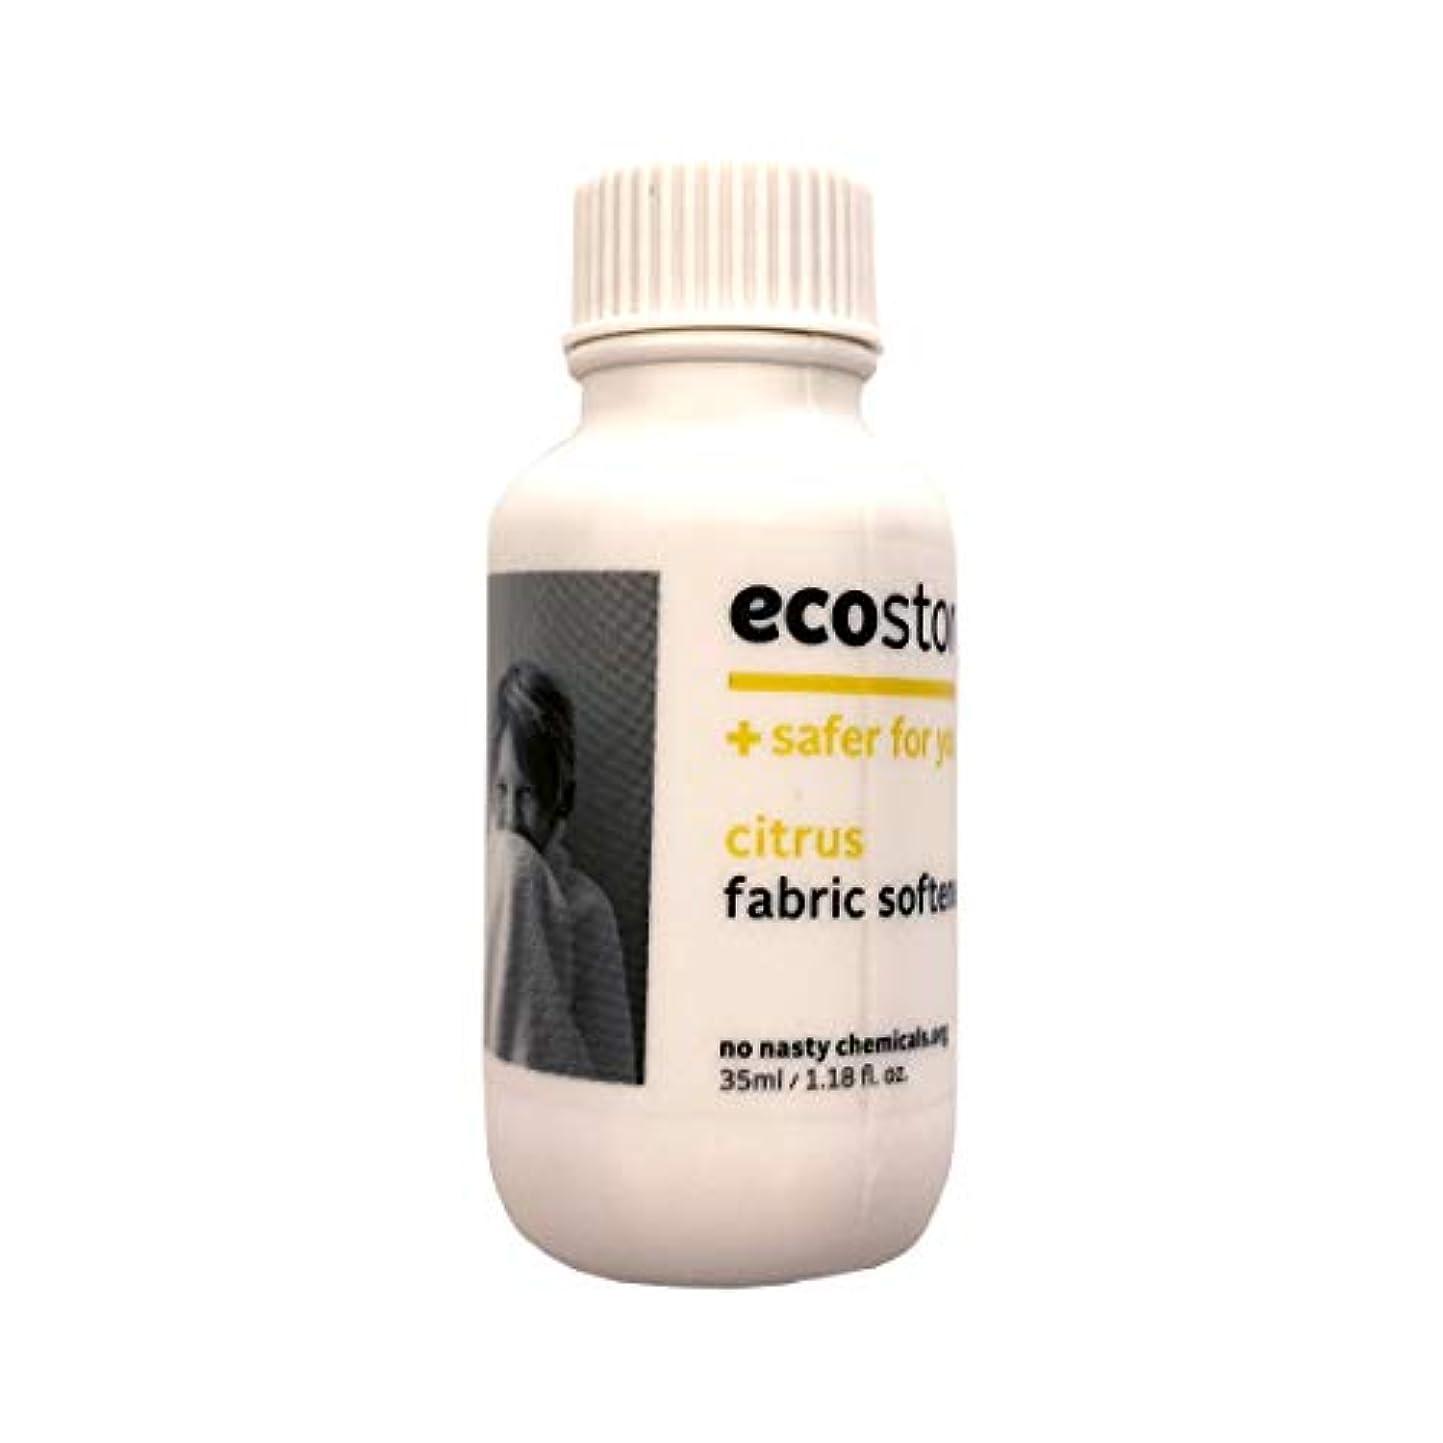 マイナスハッチ取り組むecostore(エコストア) ファブリックソフナー  シトラス 35ml 柔軟仕上げ剤 実質無料サンプルストア対象